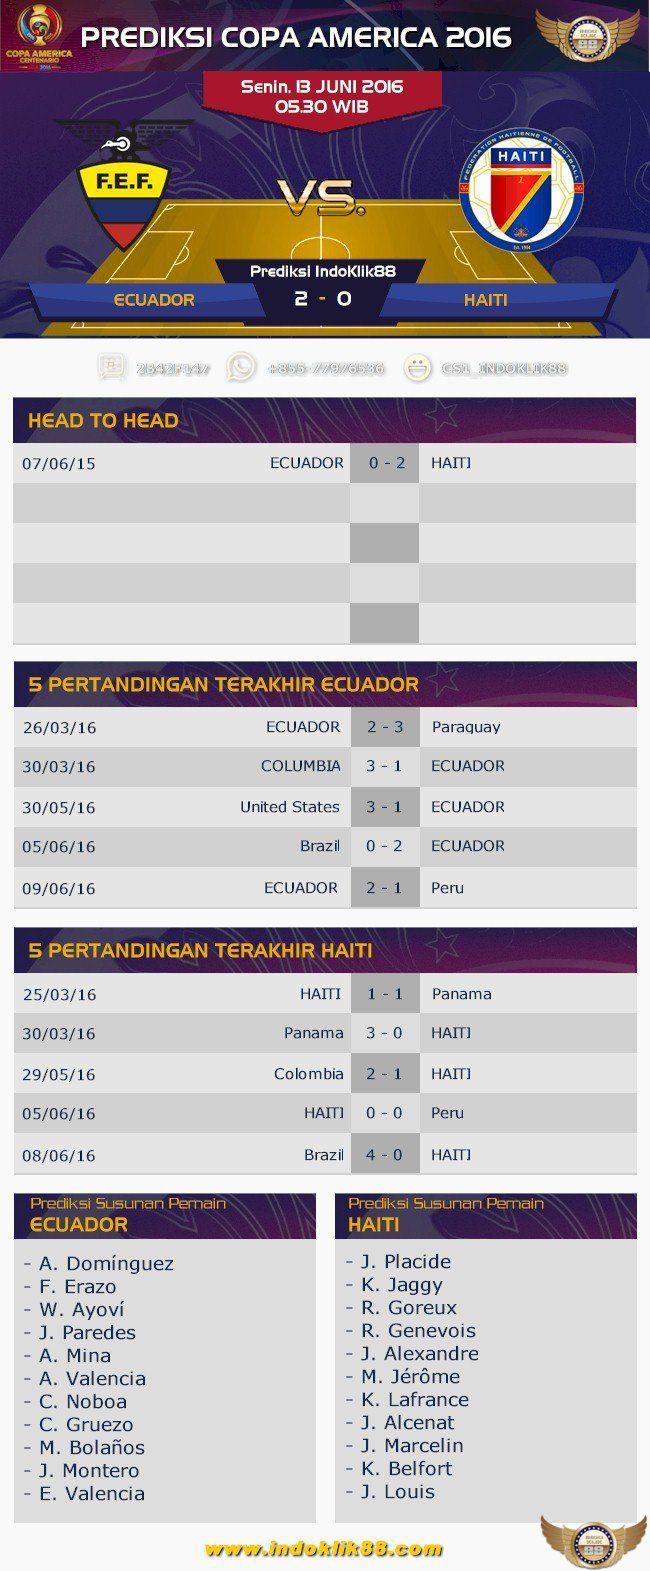 prediksi copa america 2016 grup b ecuador vs haiti